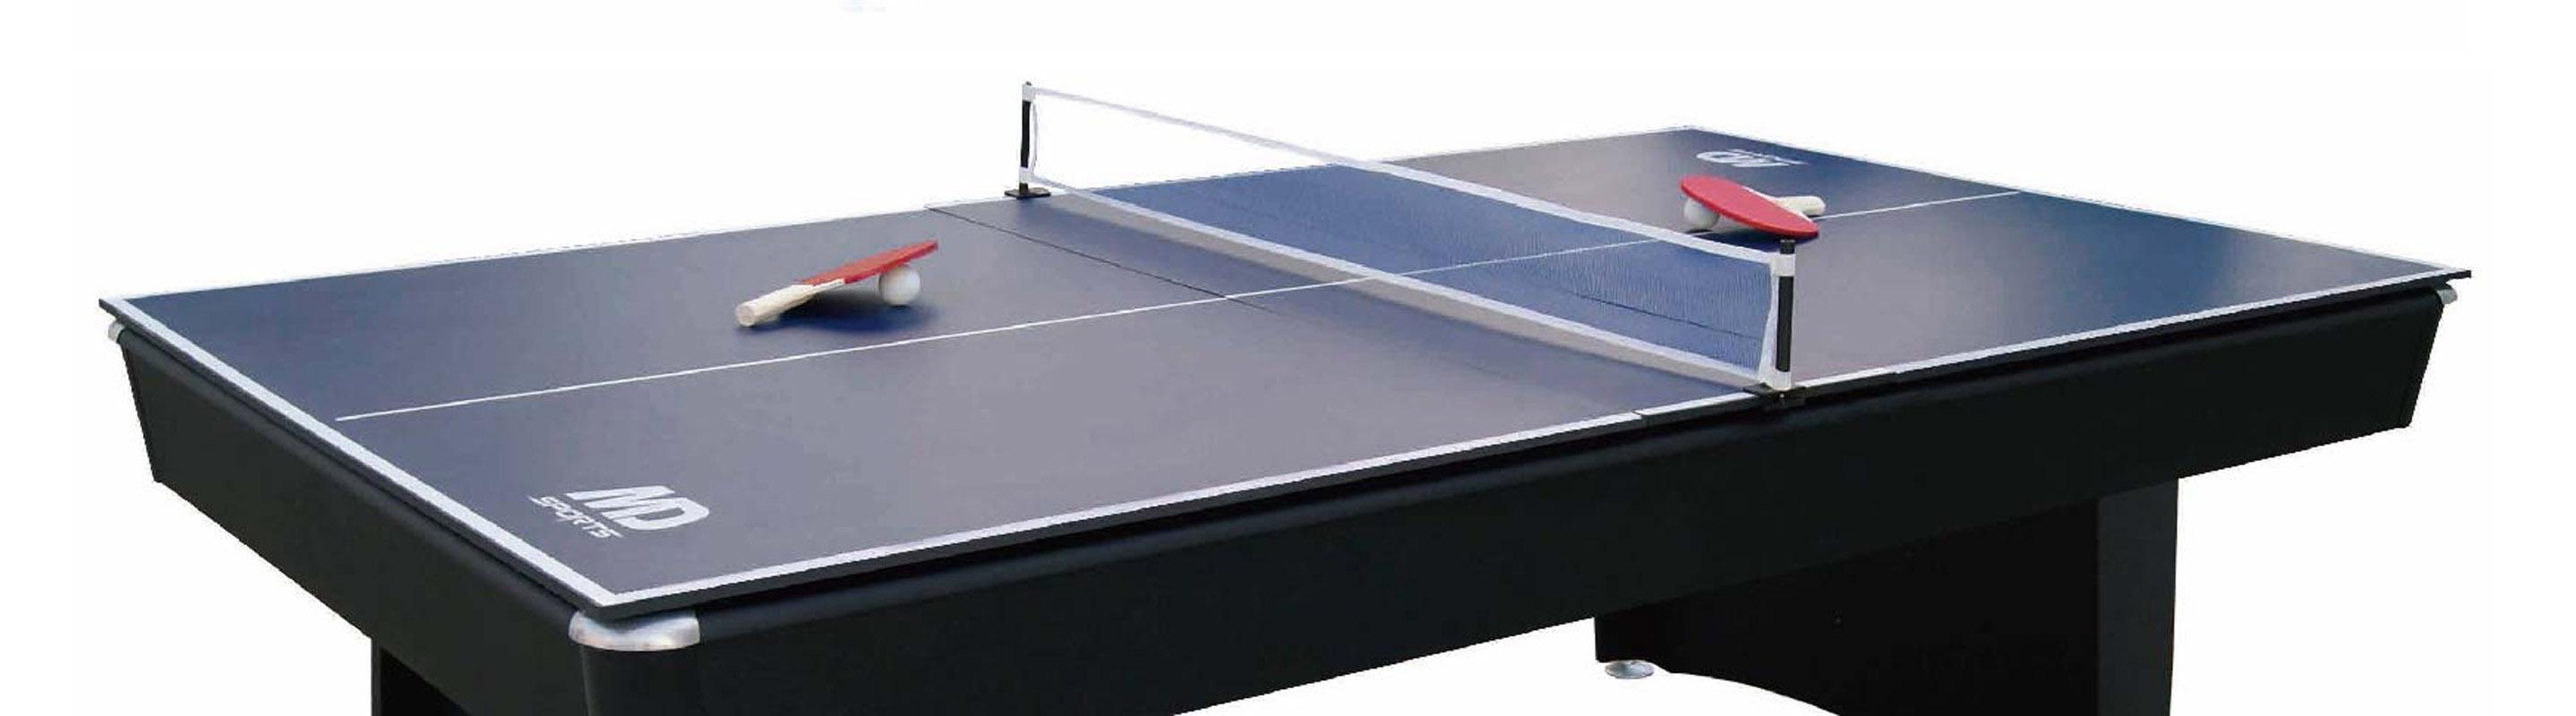 100 game room tables combination amazon com fat cat origina